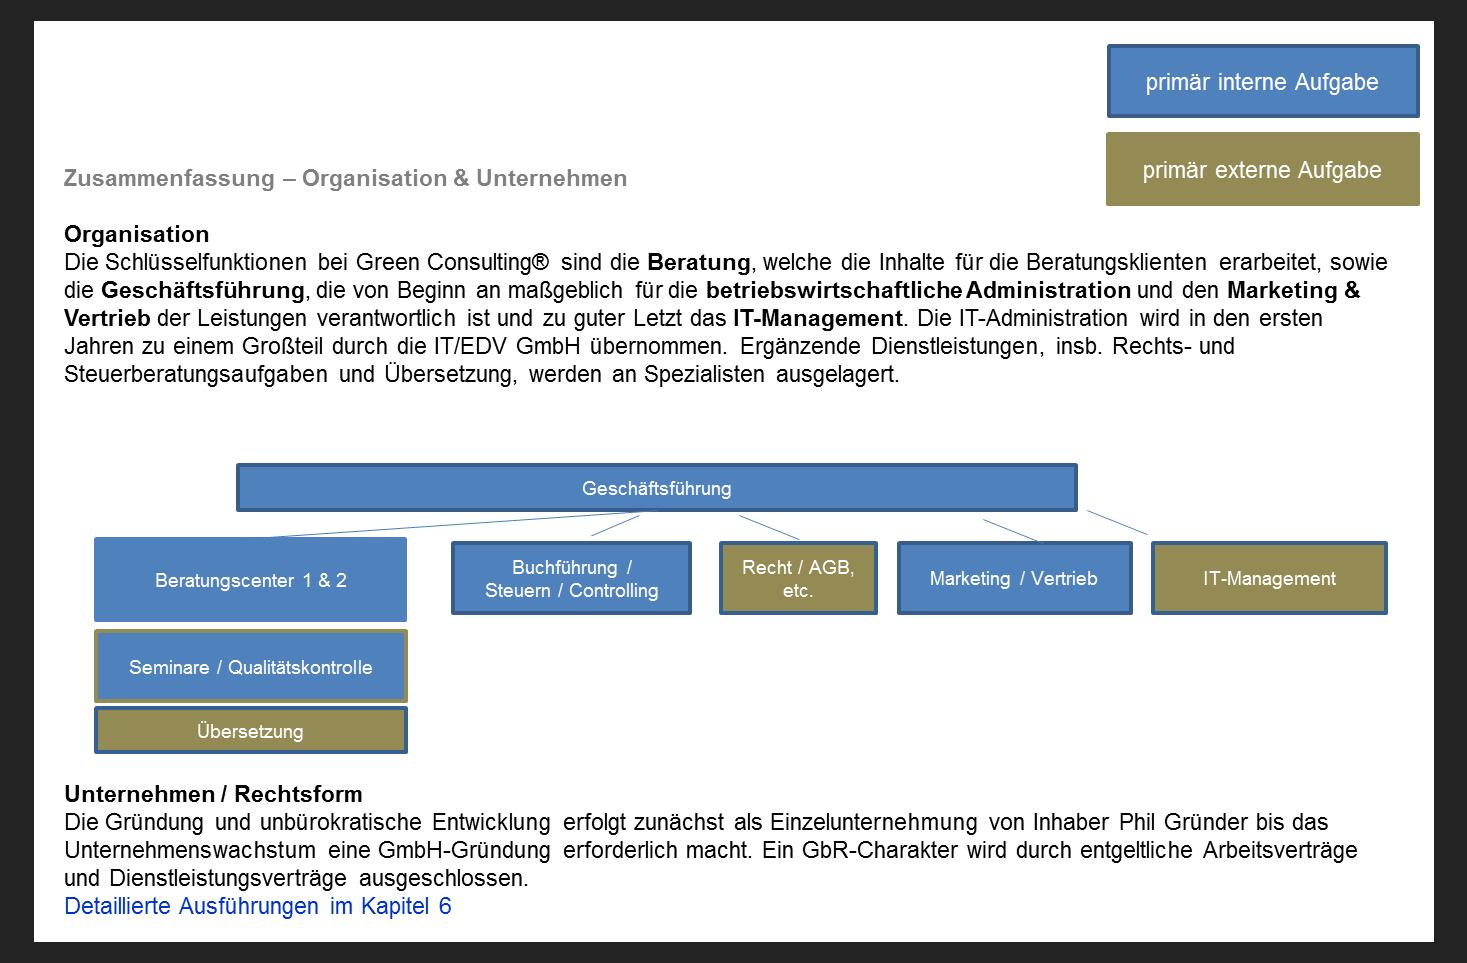 Businessplan für Startups: Managementbriefing | Conplore Magazine